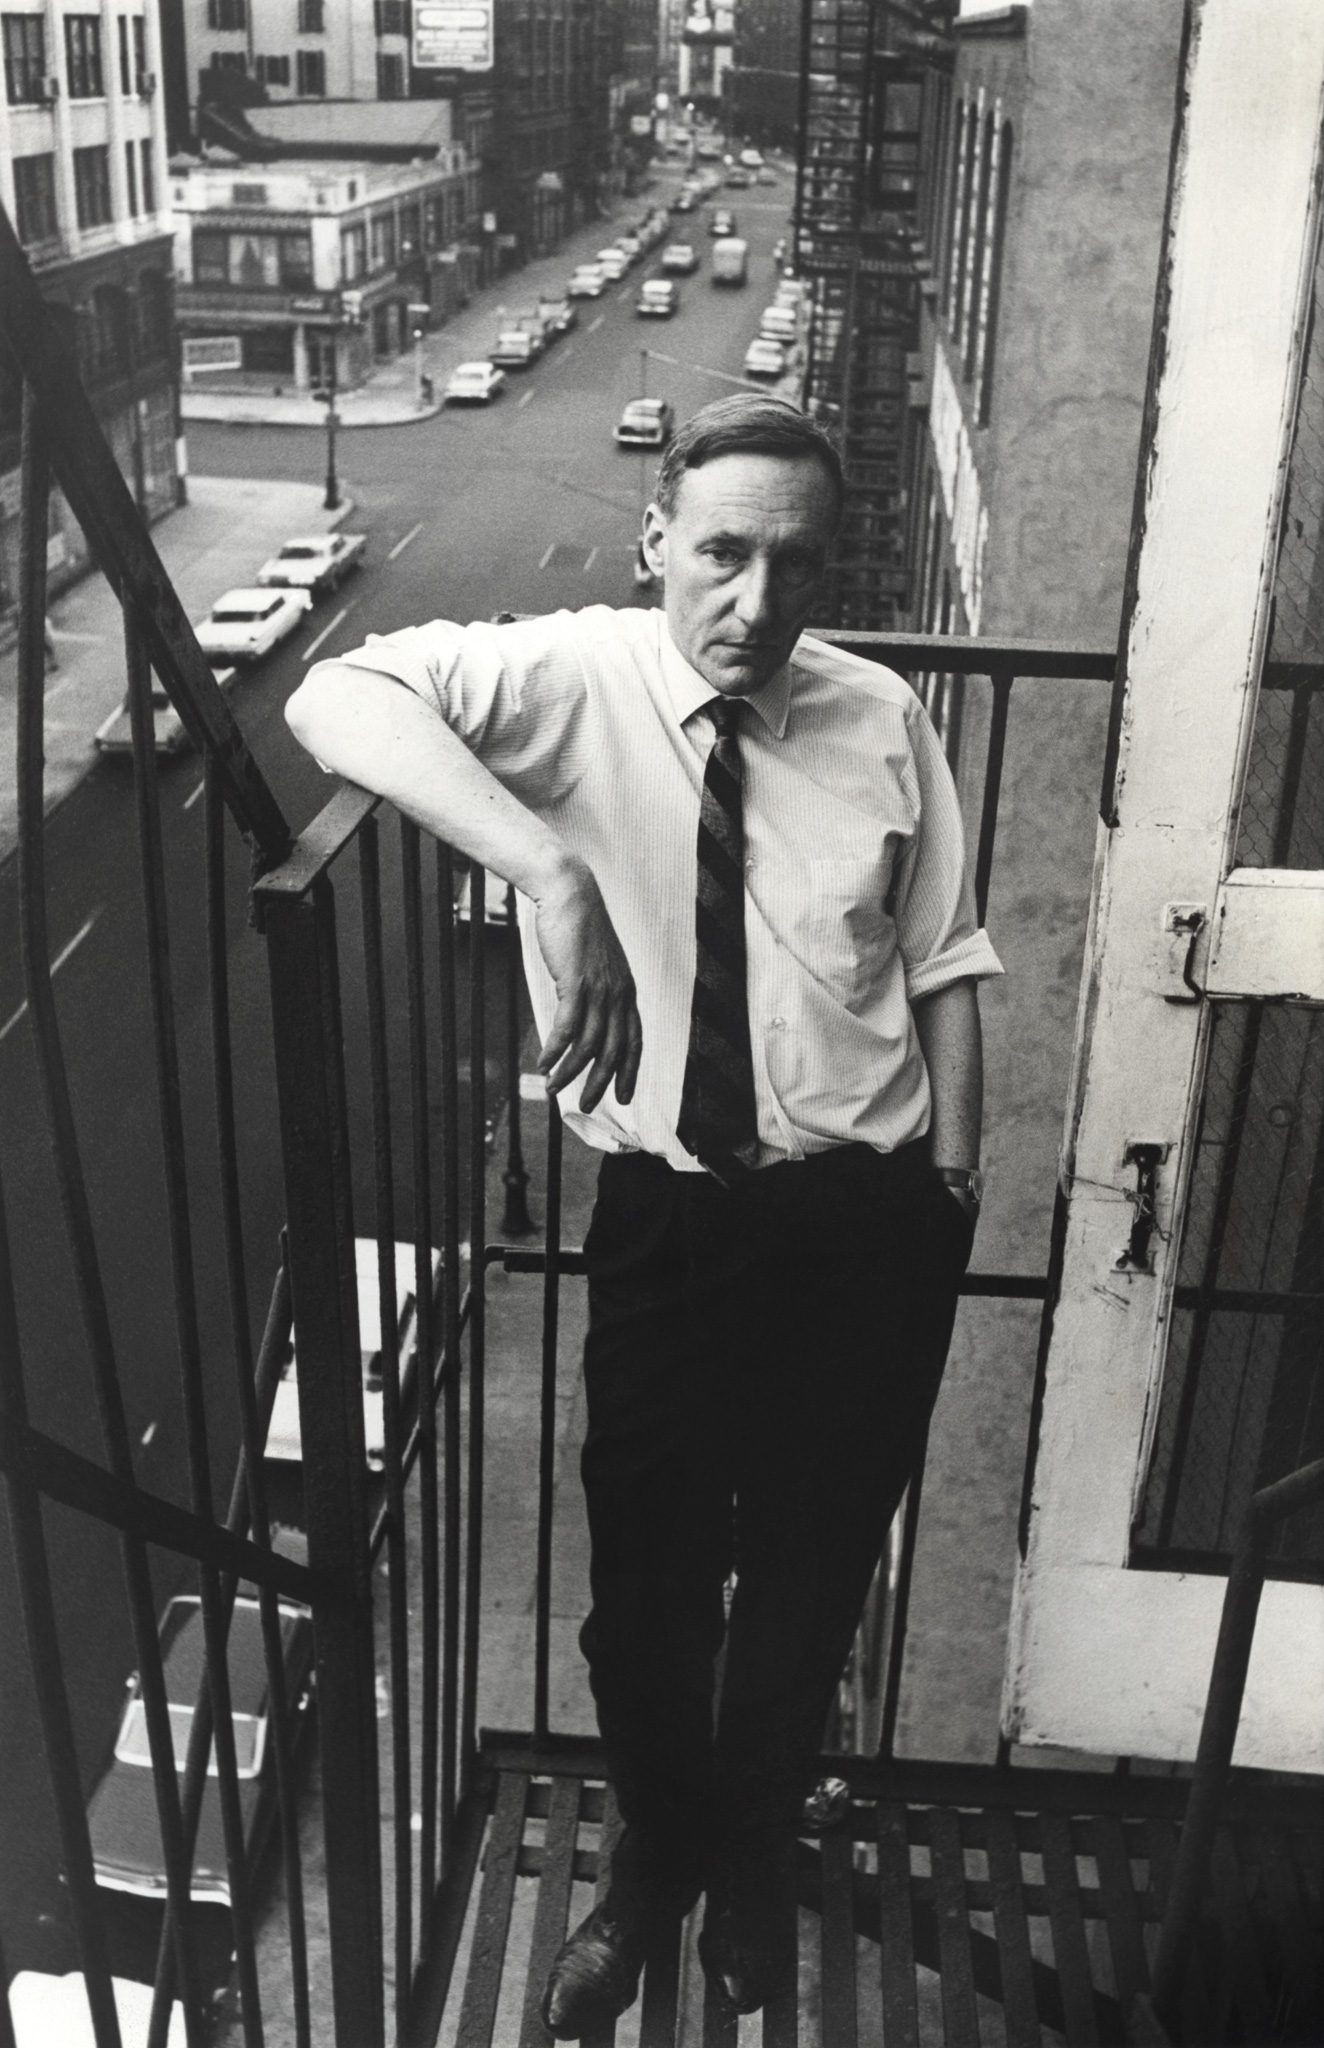 William S Burroughs stands